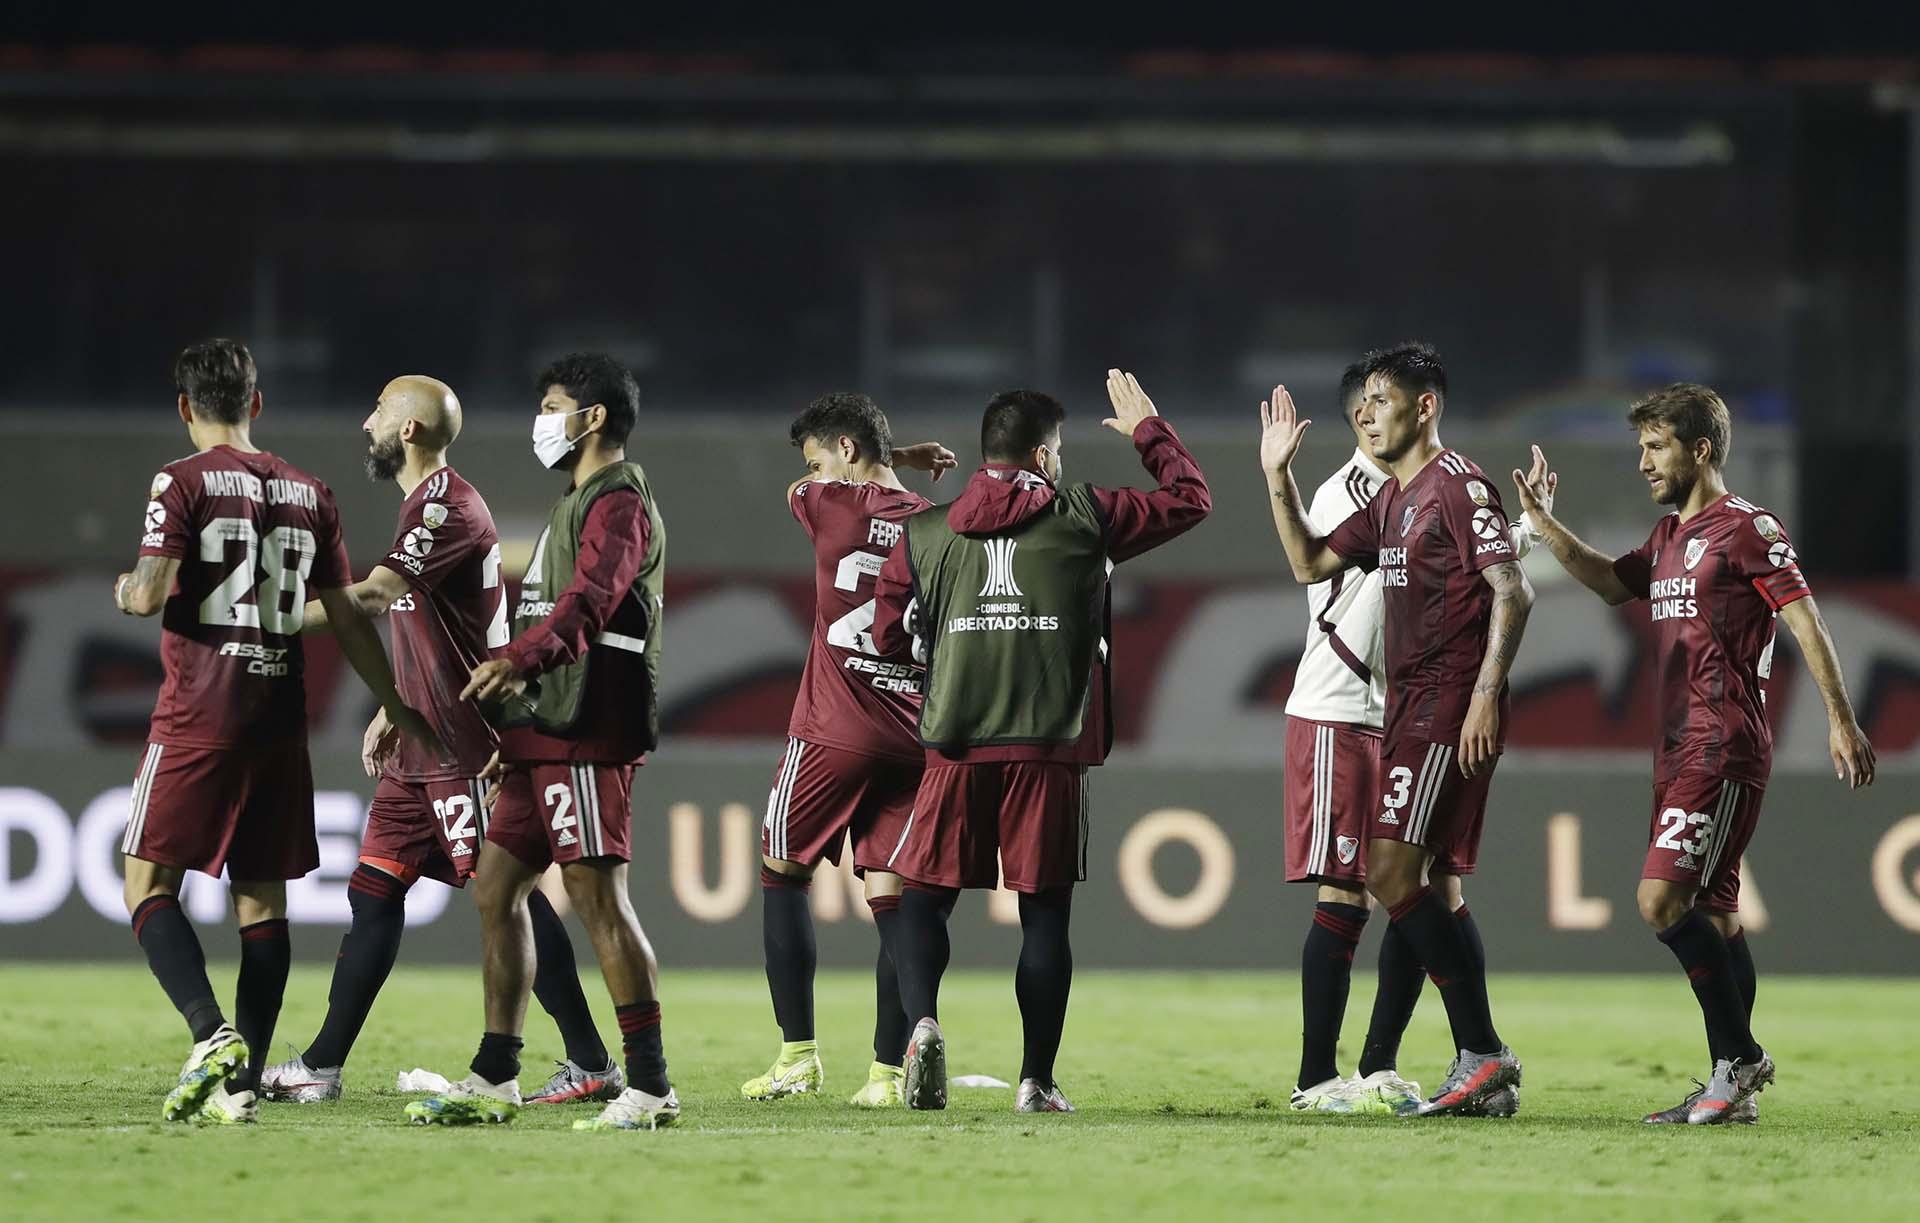 El plantel de River se saluda tras el 2-2 ante San Pablo en el Morumbí (REUTERS/Andre Penner)